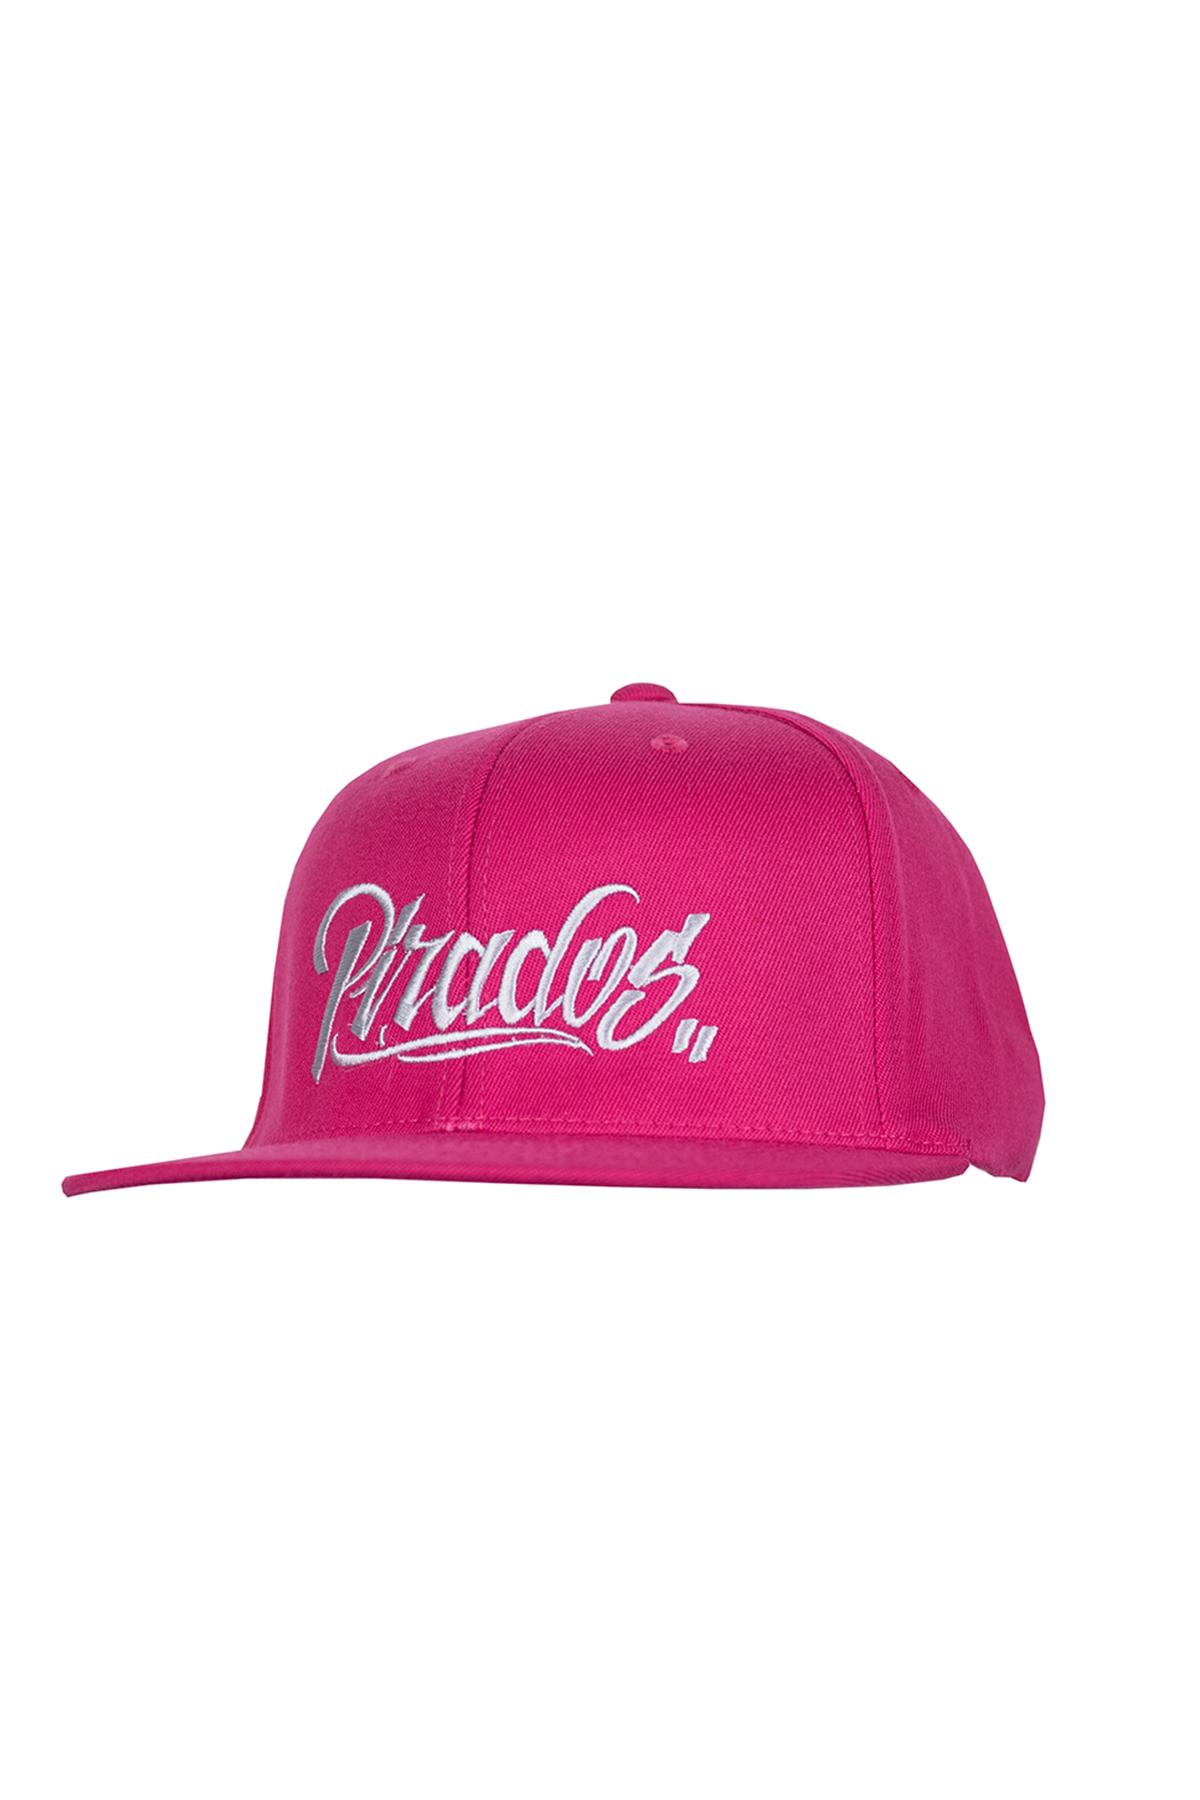 """798e73e567718 Flexfit Cap """"PIRADOS TM"""" Pink – PIRADOS"""